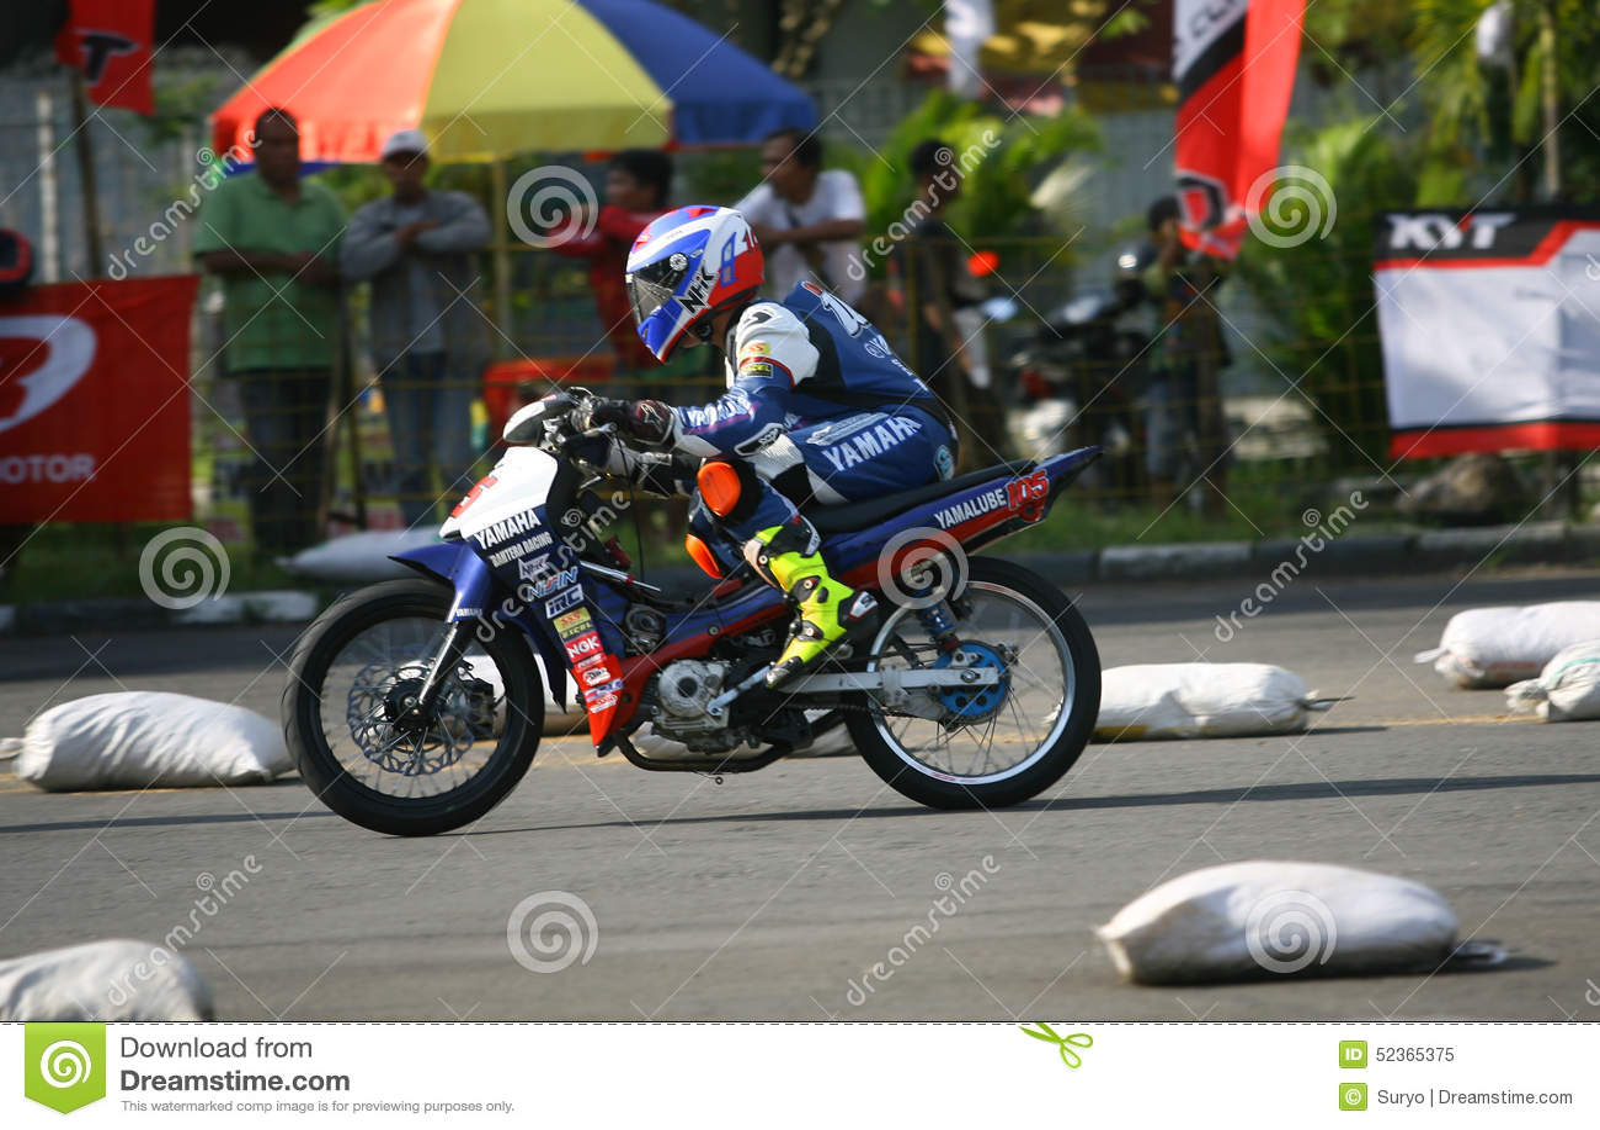 Corsa di strada immagine editoriale. Immagine di circuito - 52365375